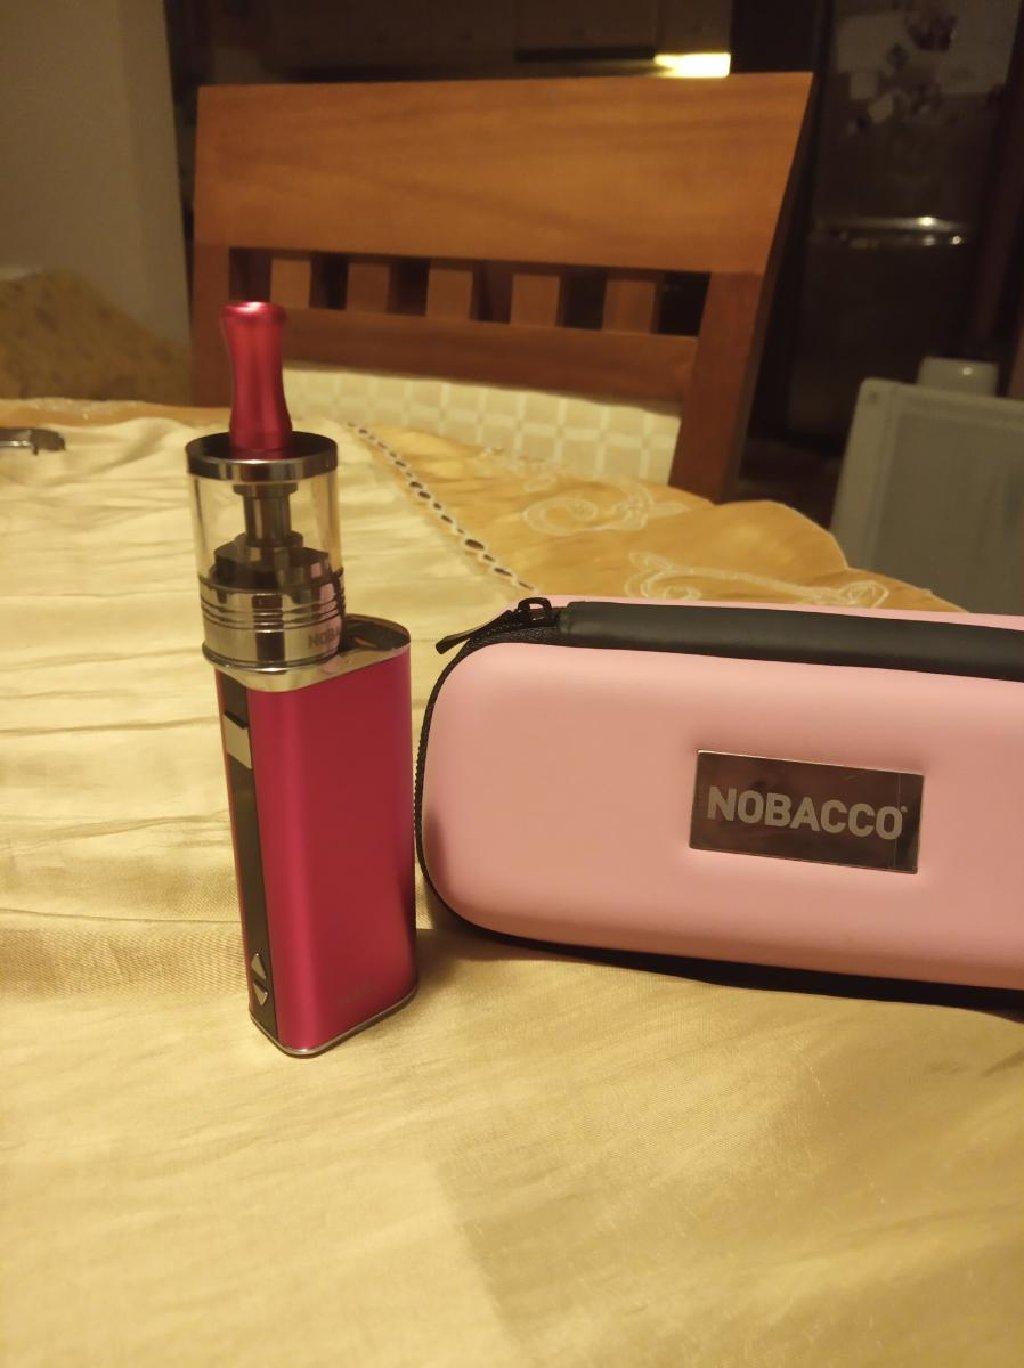 Ηλεκτρονικό τσιγάρο Nobacco